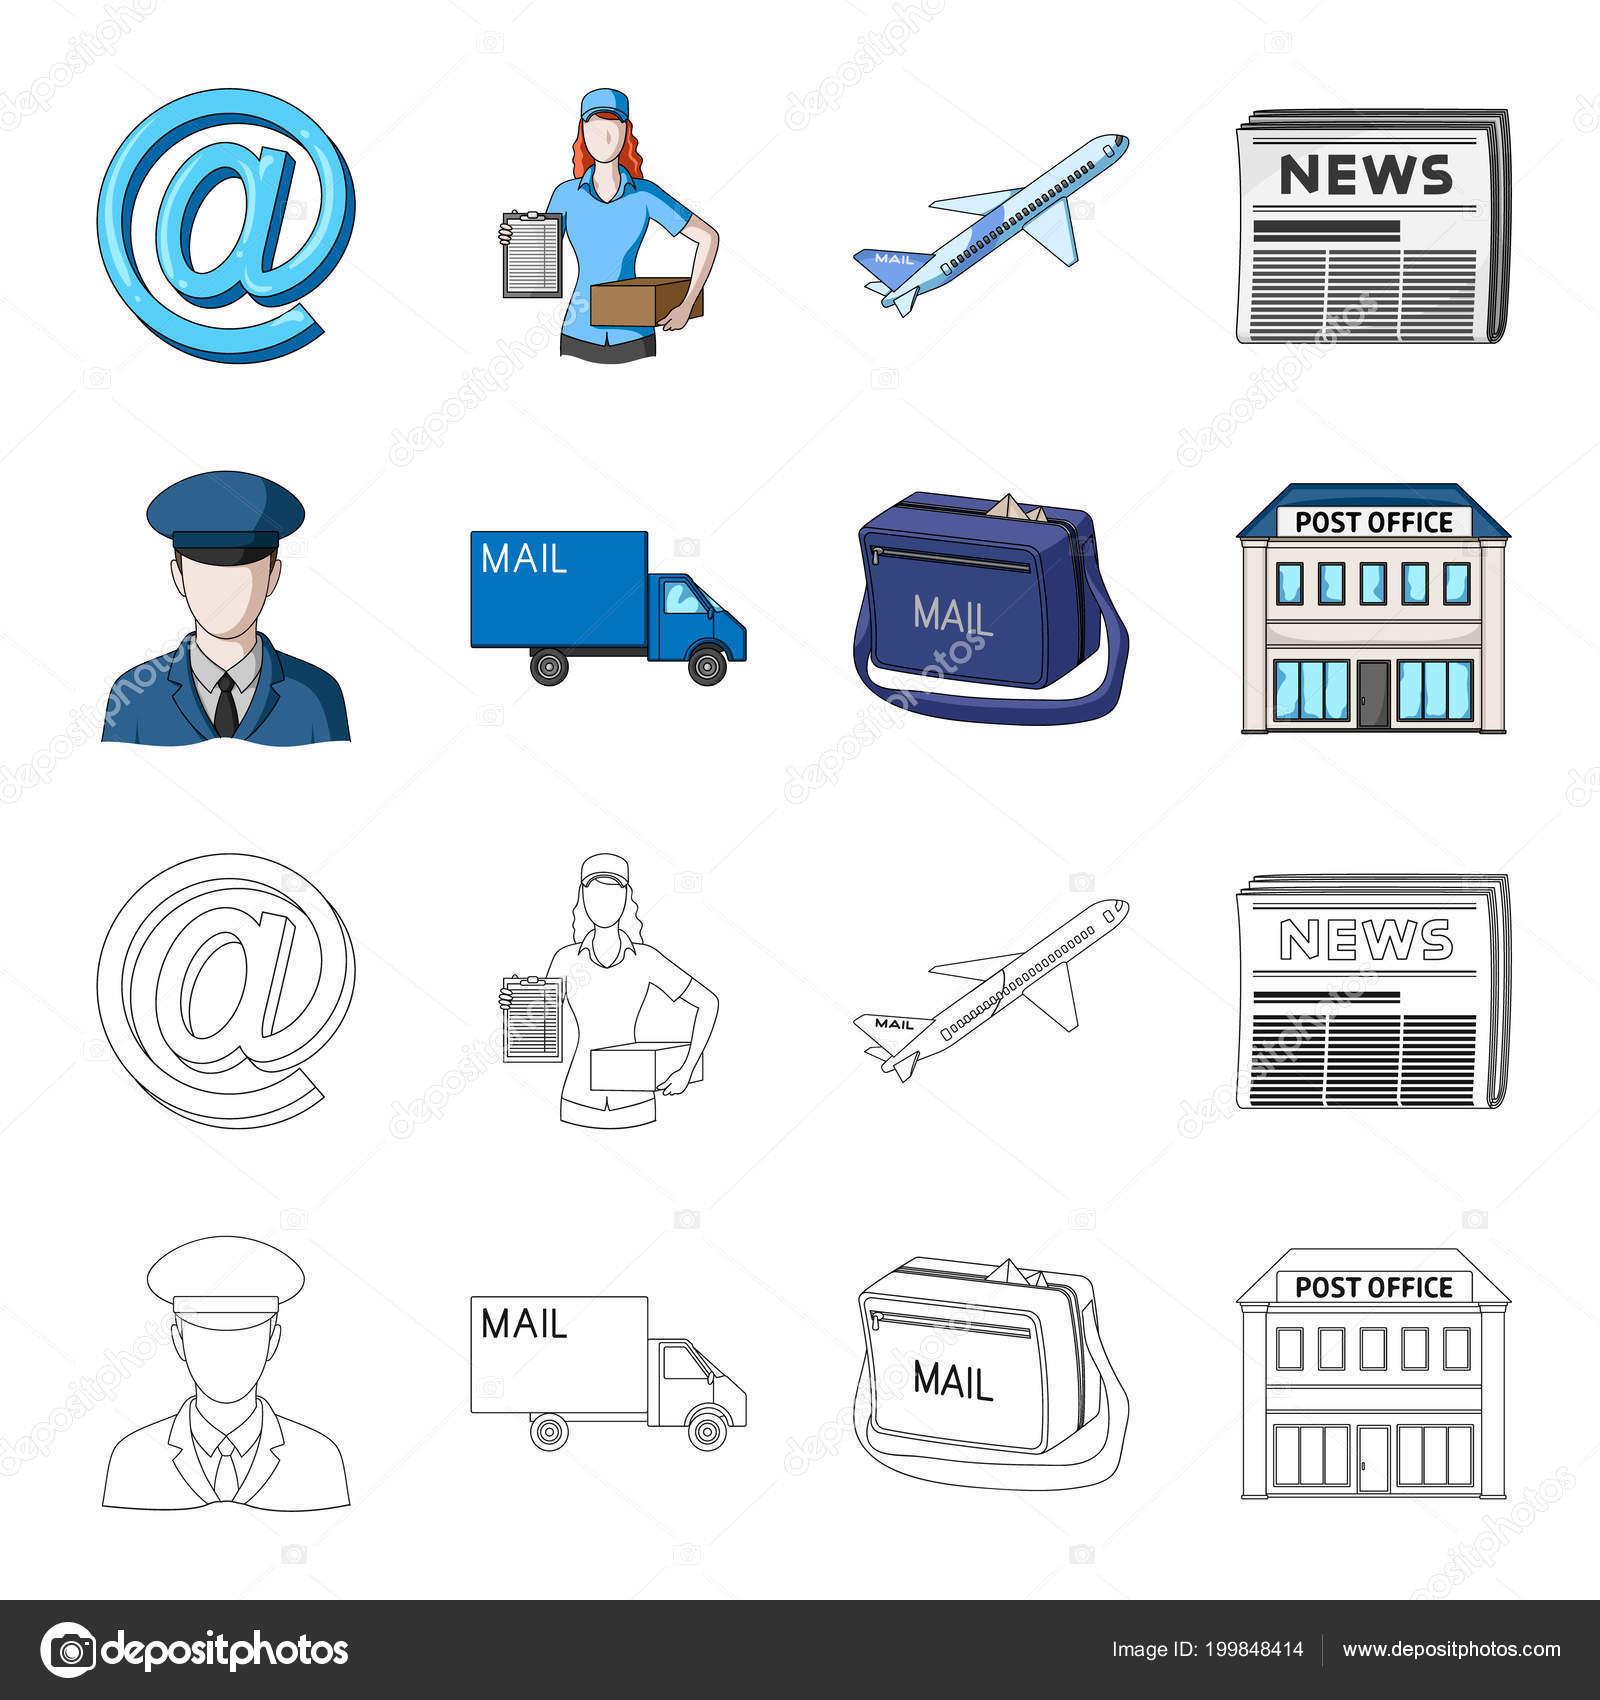 Der Postbote In Uniform Mail Maschine Tasche Für Korrespondenz